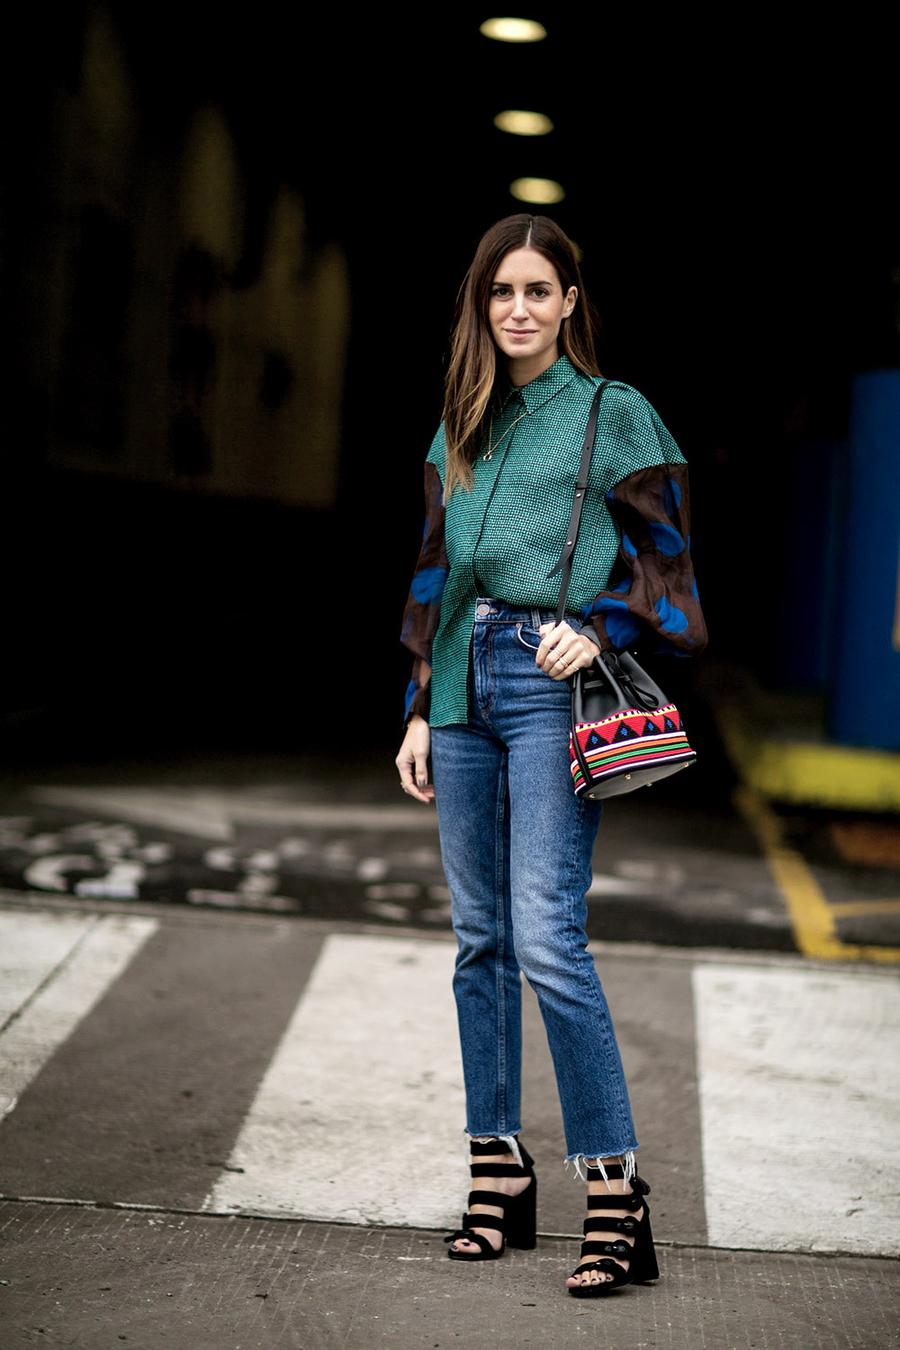 Прямые модные джинсы 2017 с широкой рубашкой - фото новинки и тренды уличной моды